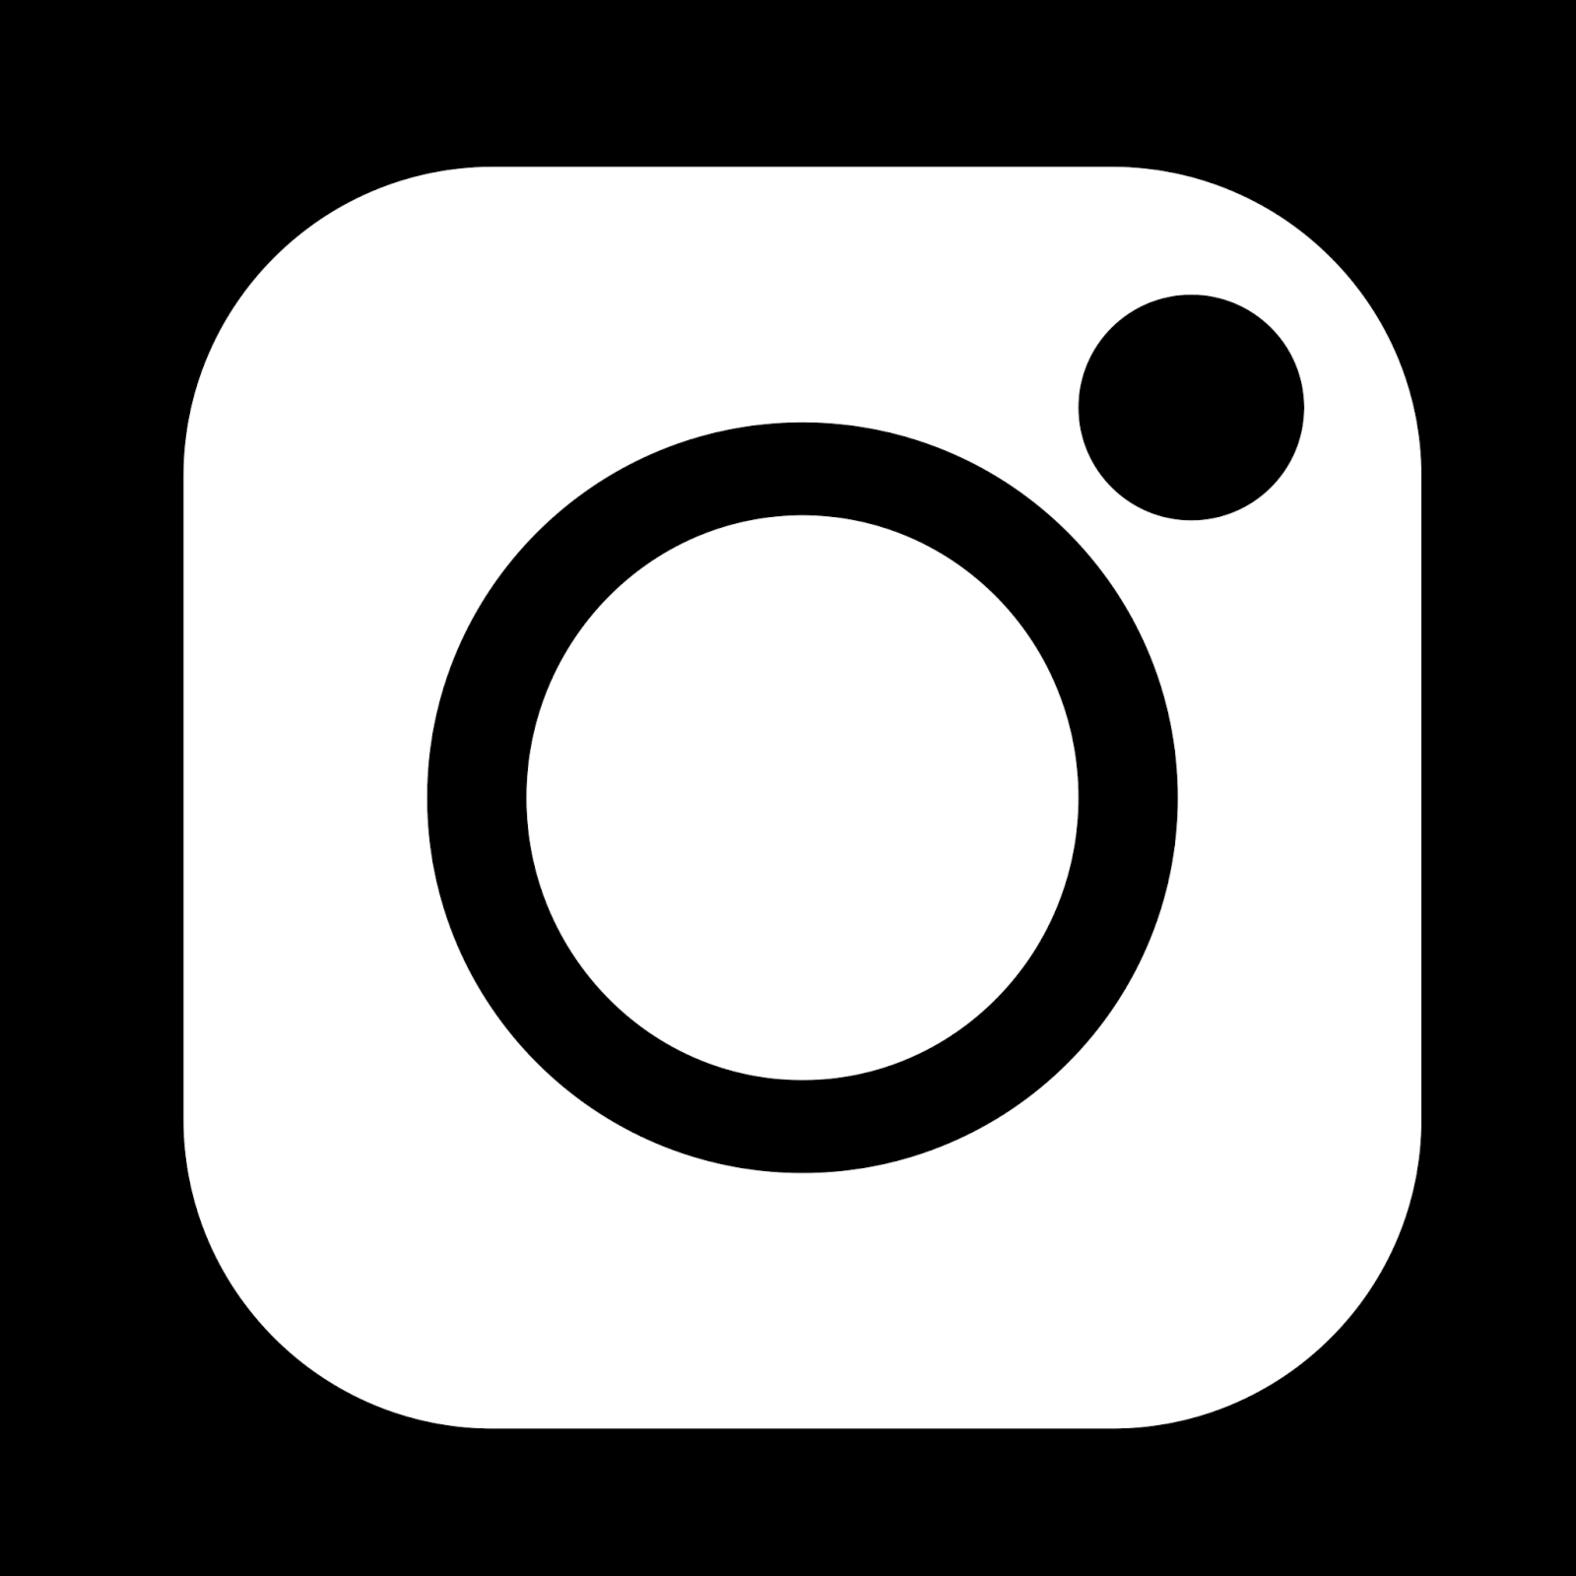 Unsere Styles bei Instagram - waschsalon_young_fashion